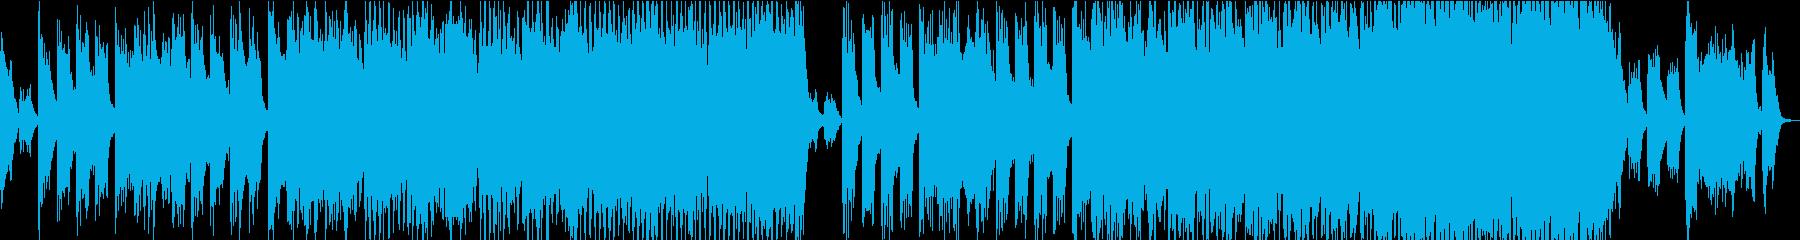 現代の交響曲 積極的 焦り 神経質...の再生済みの波形